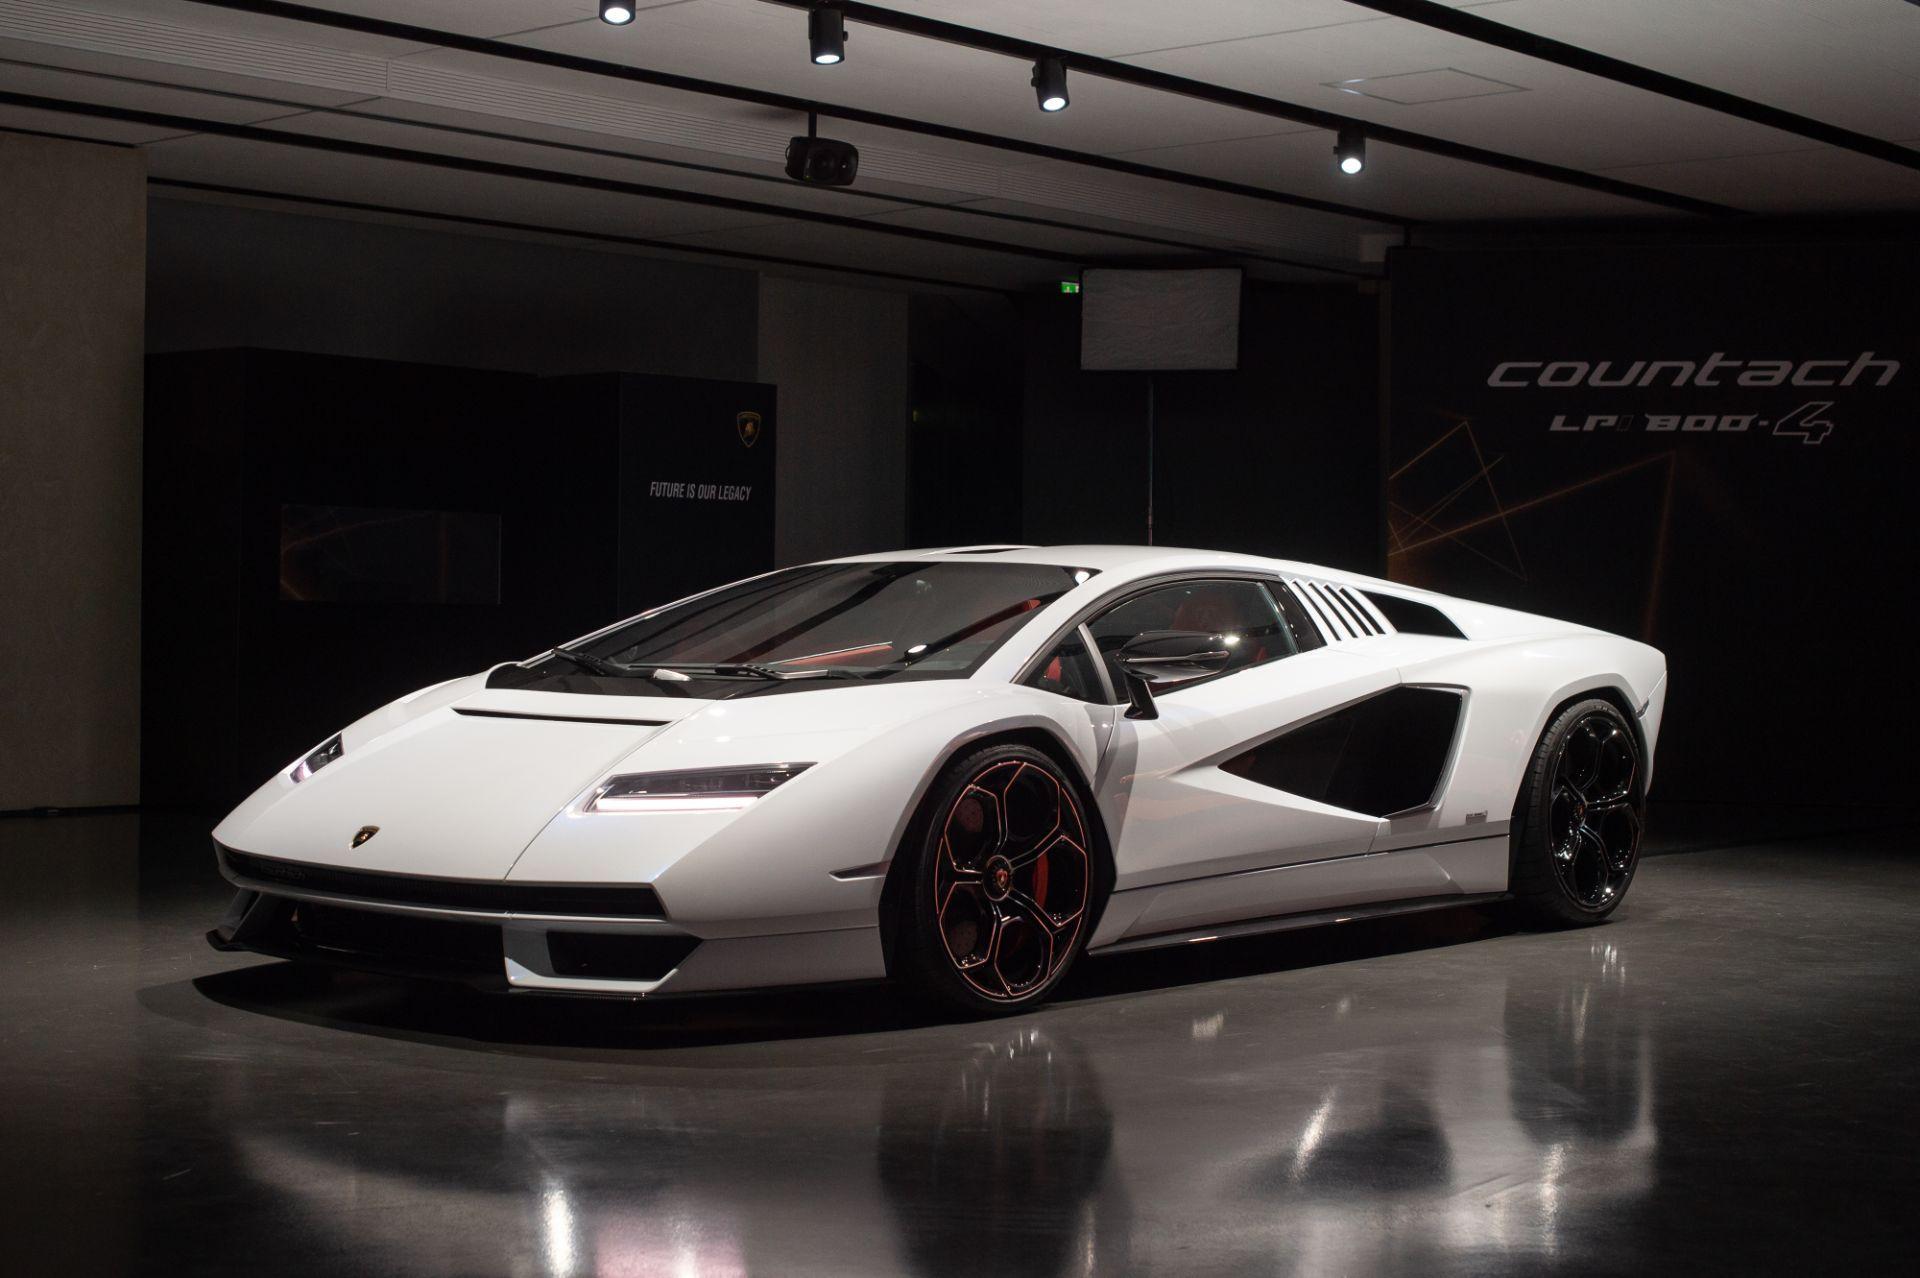 Lamborghini-Countach-LPI-800-4-5